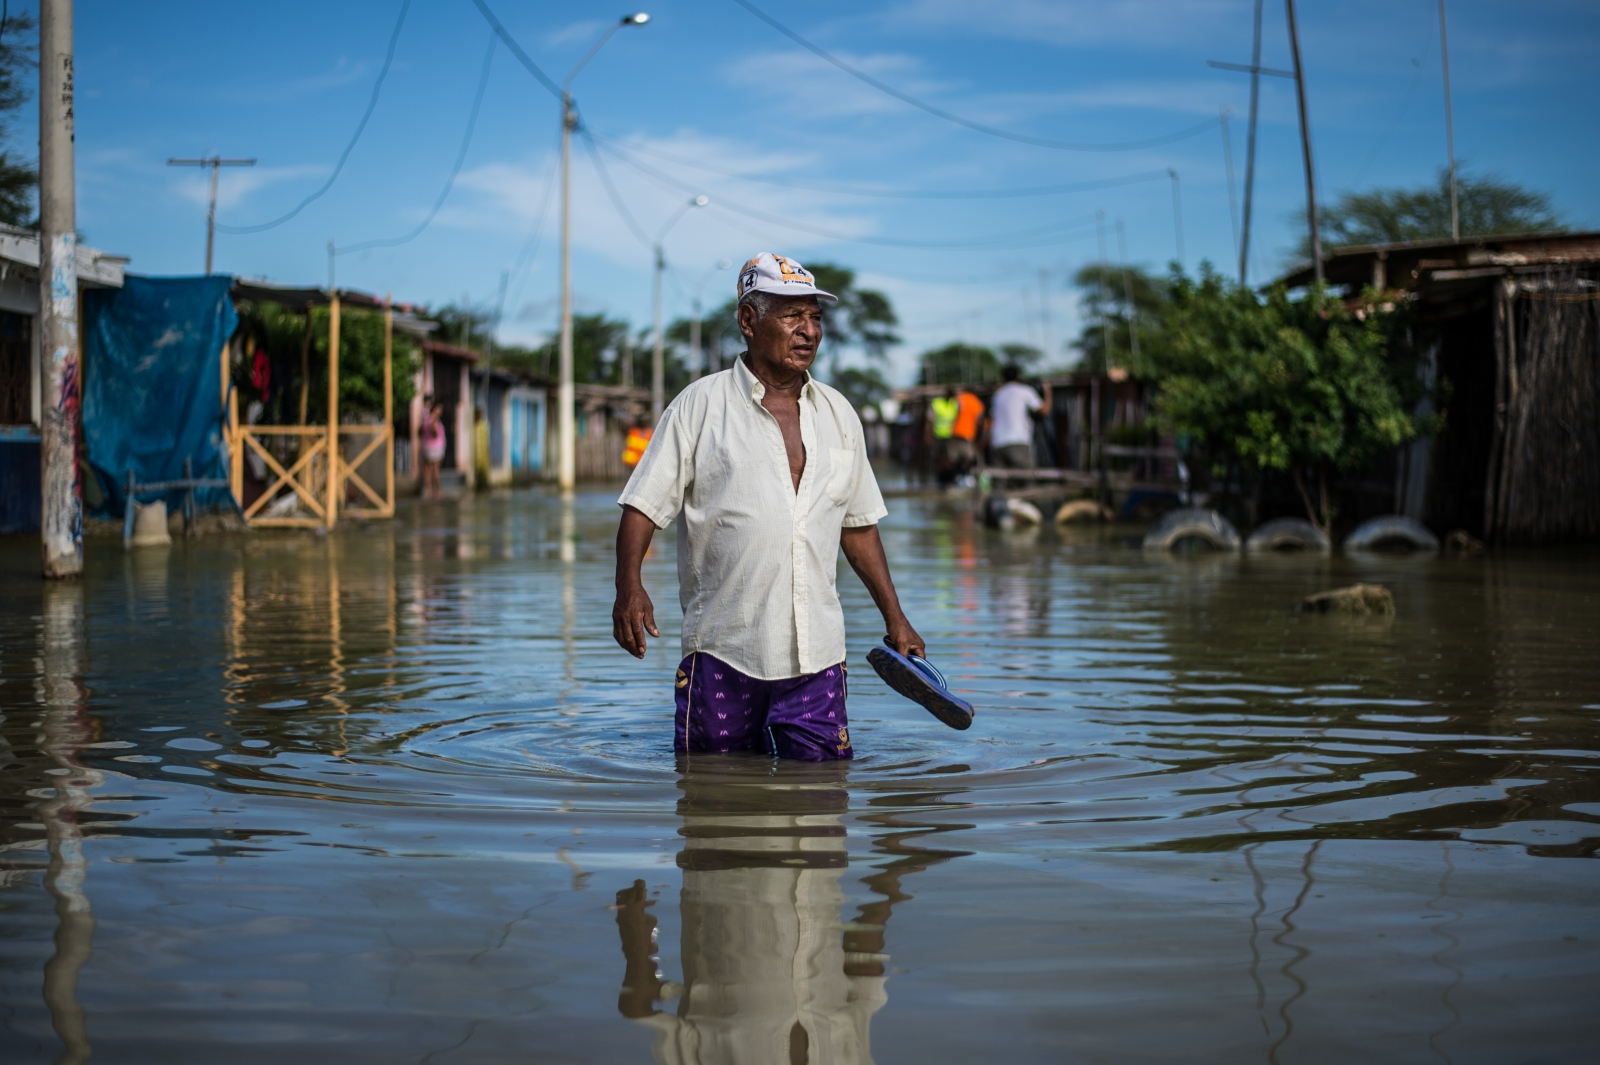 Peru landslides floods inundación imagenes